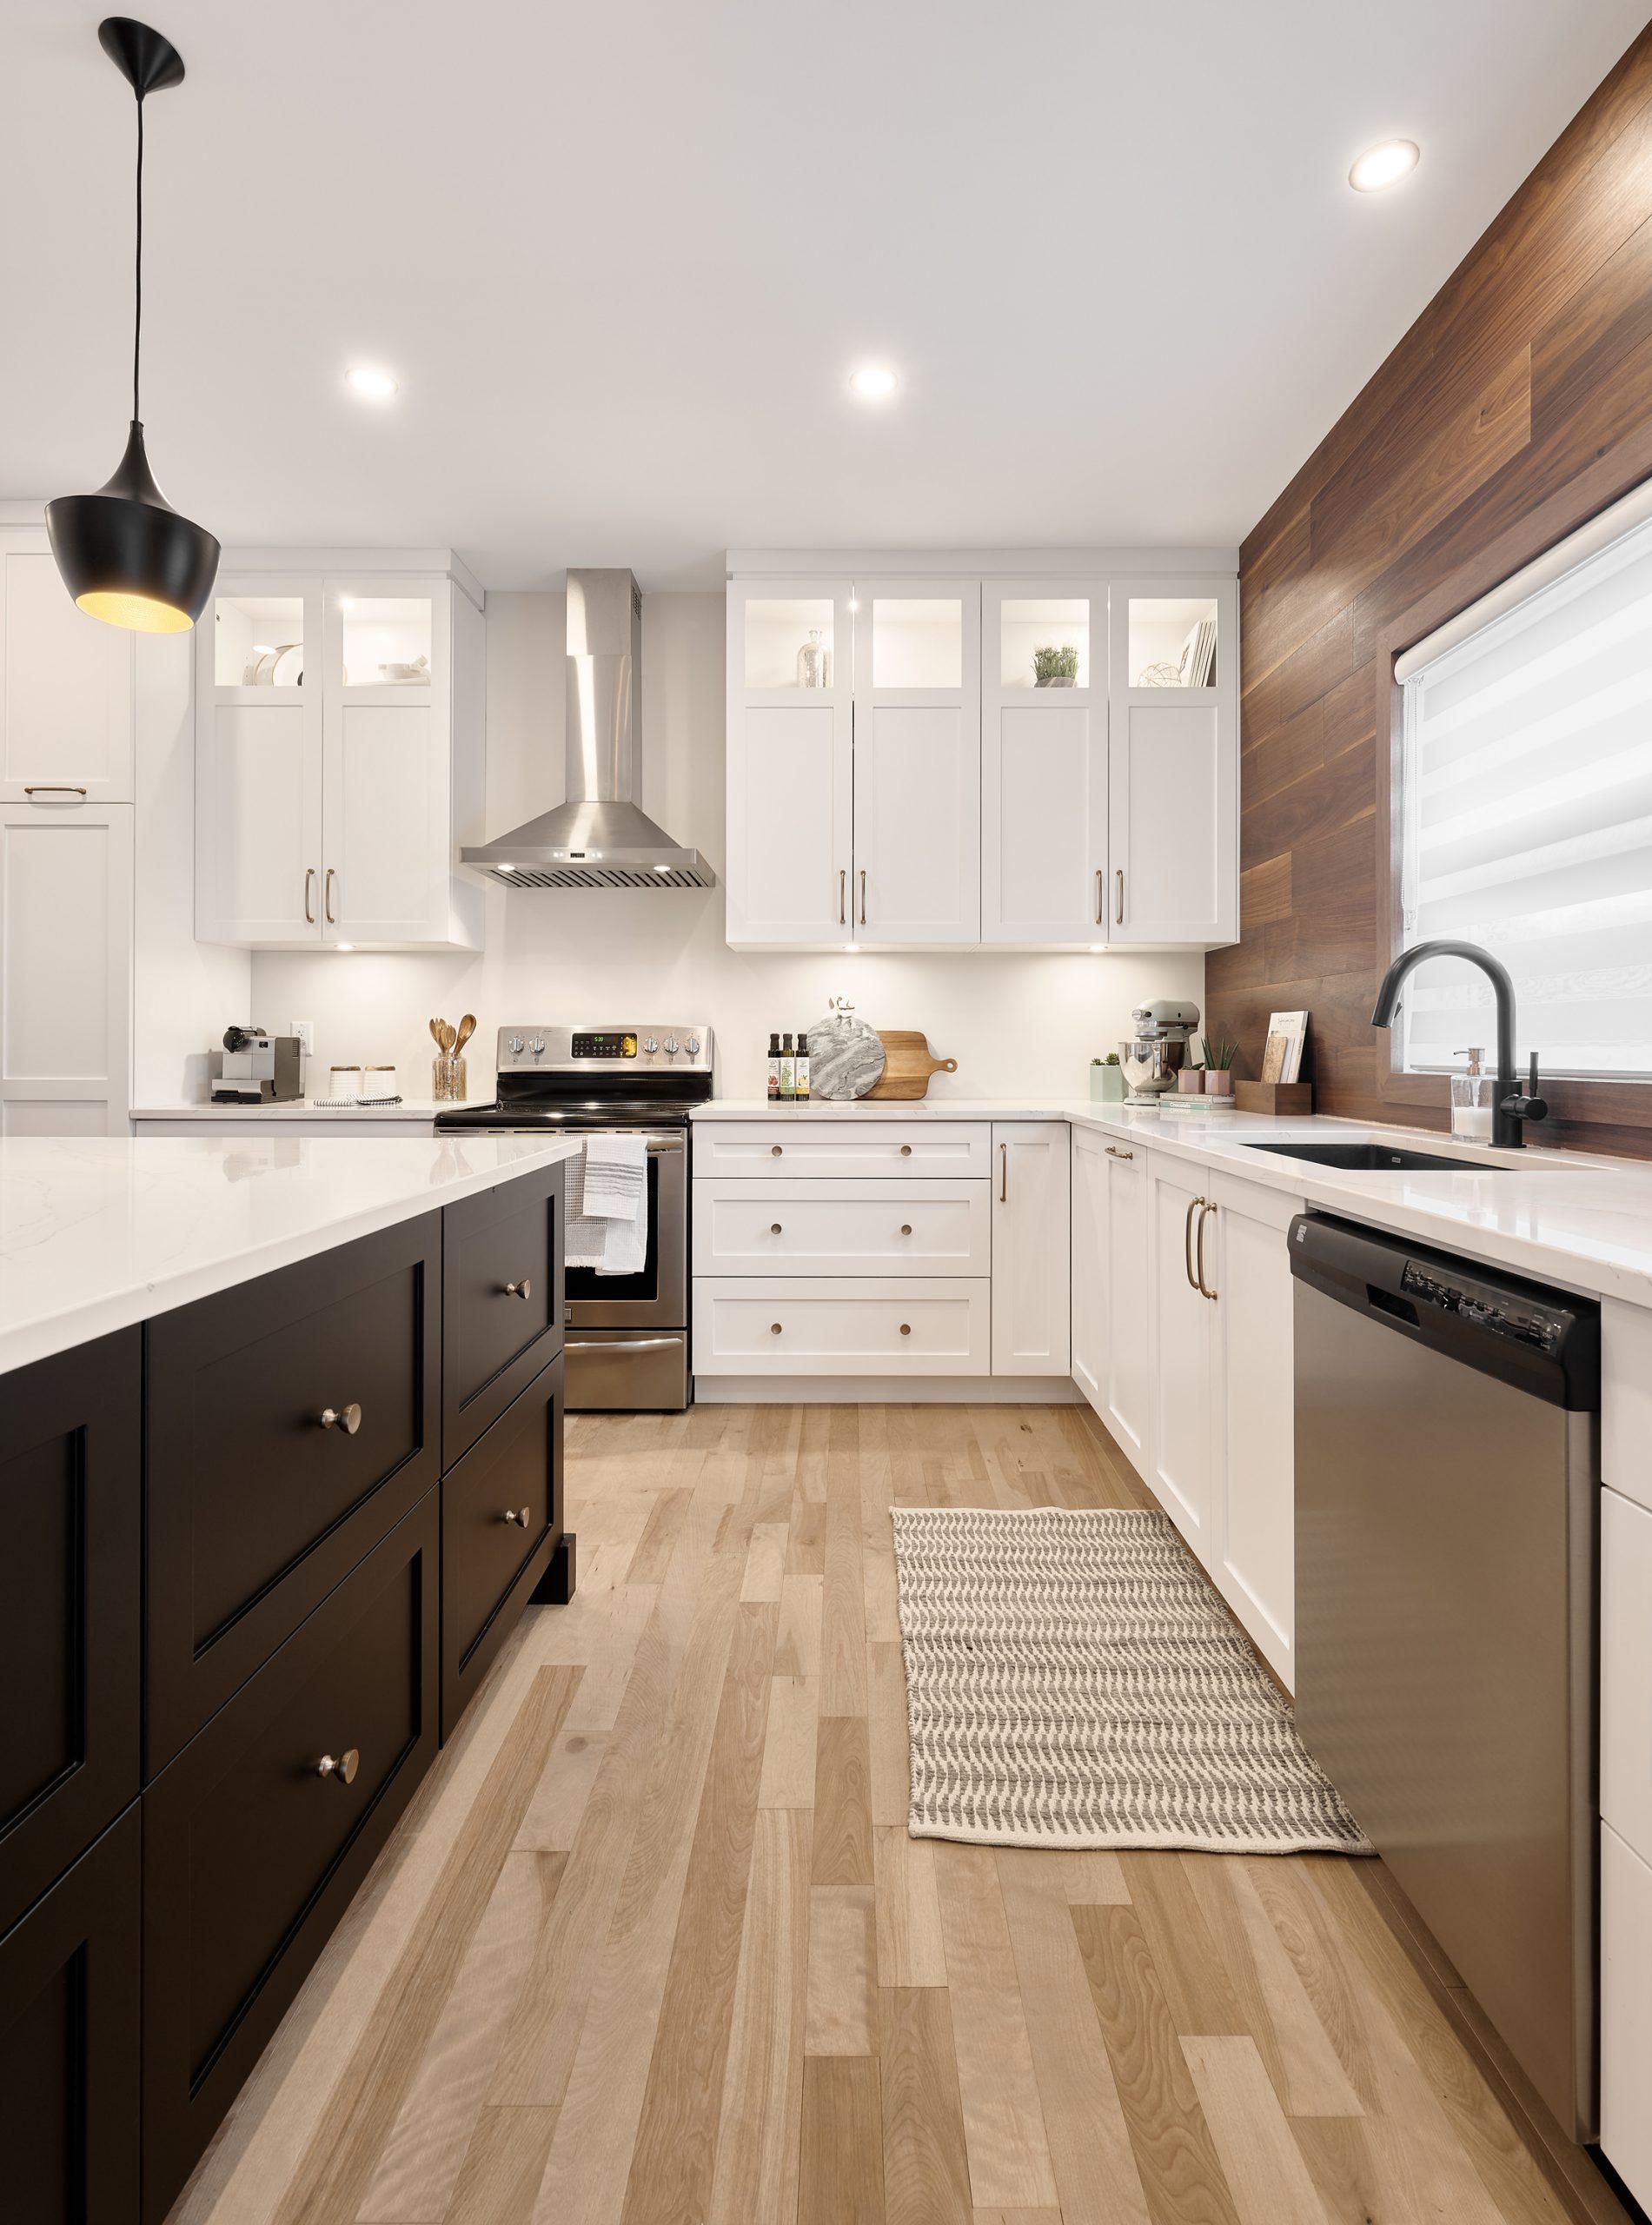 Cabico Custom Cabinets - Projet cuisine Des Sables - vue sur l'îlot et les comptoirs